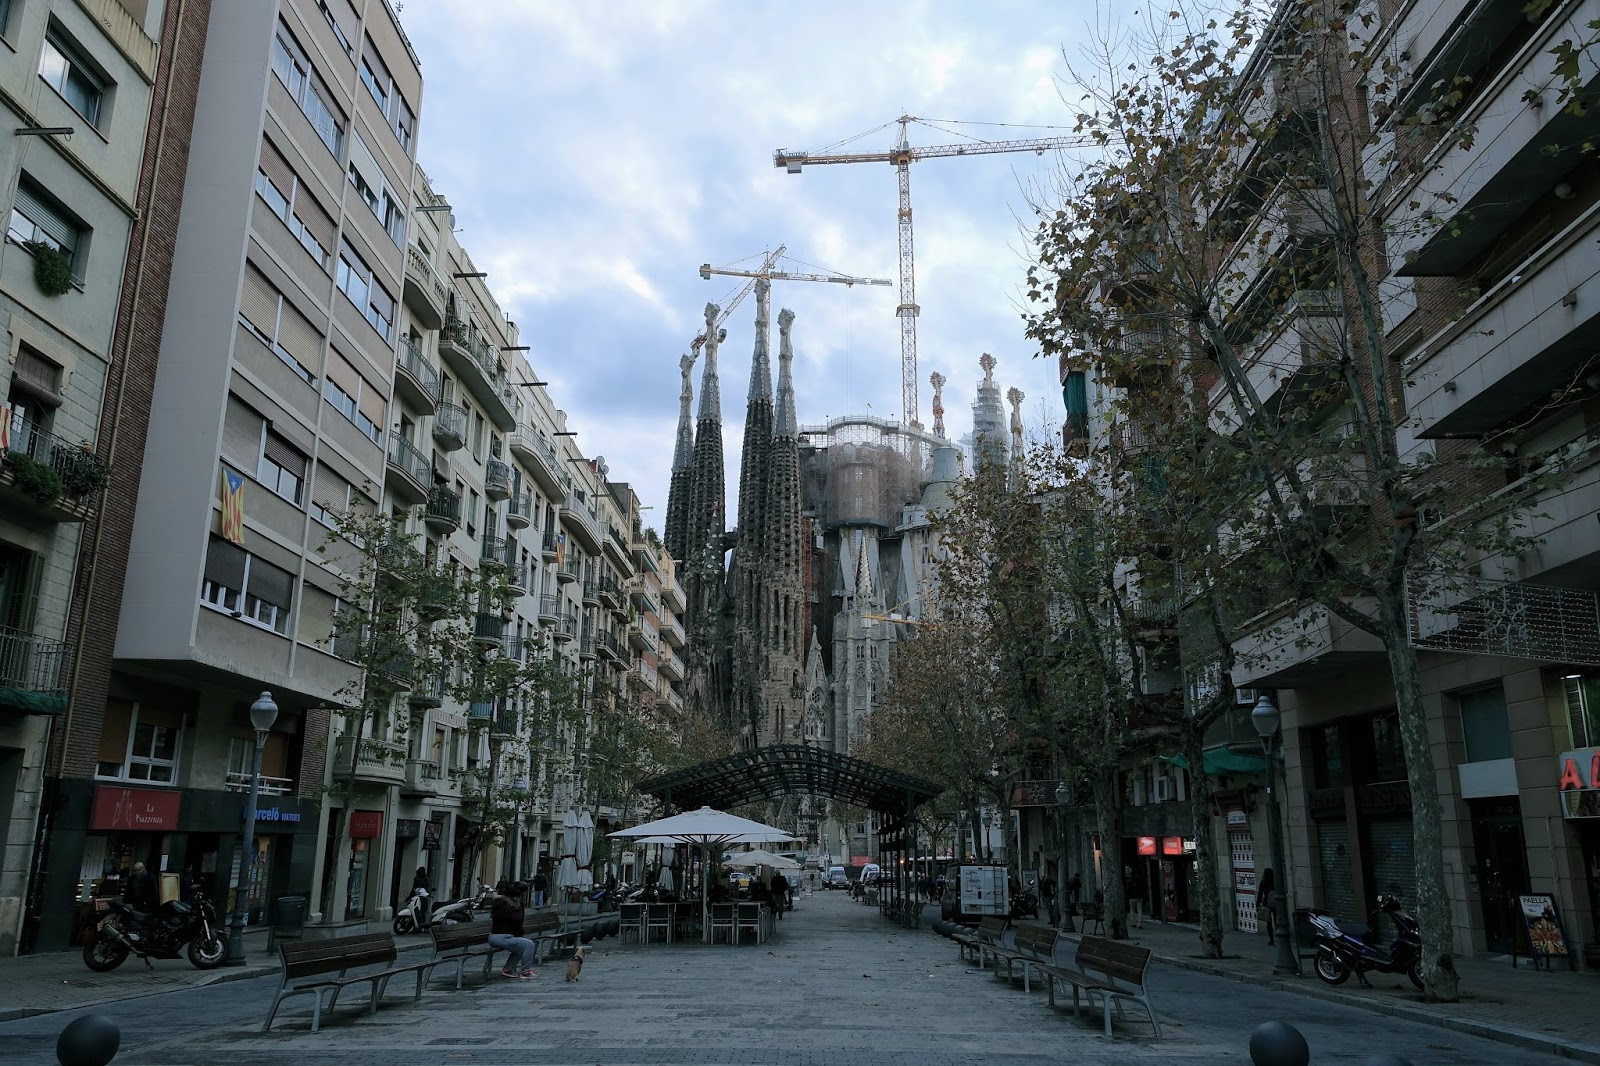 サグラダ・ファミリア (Sagrada Familia) ガウディ通りからの眺め